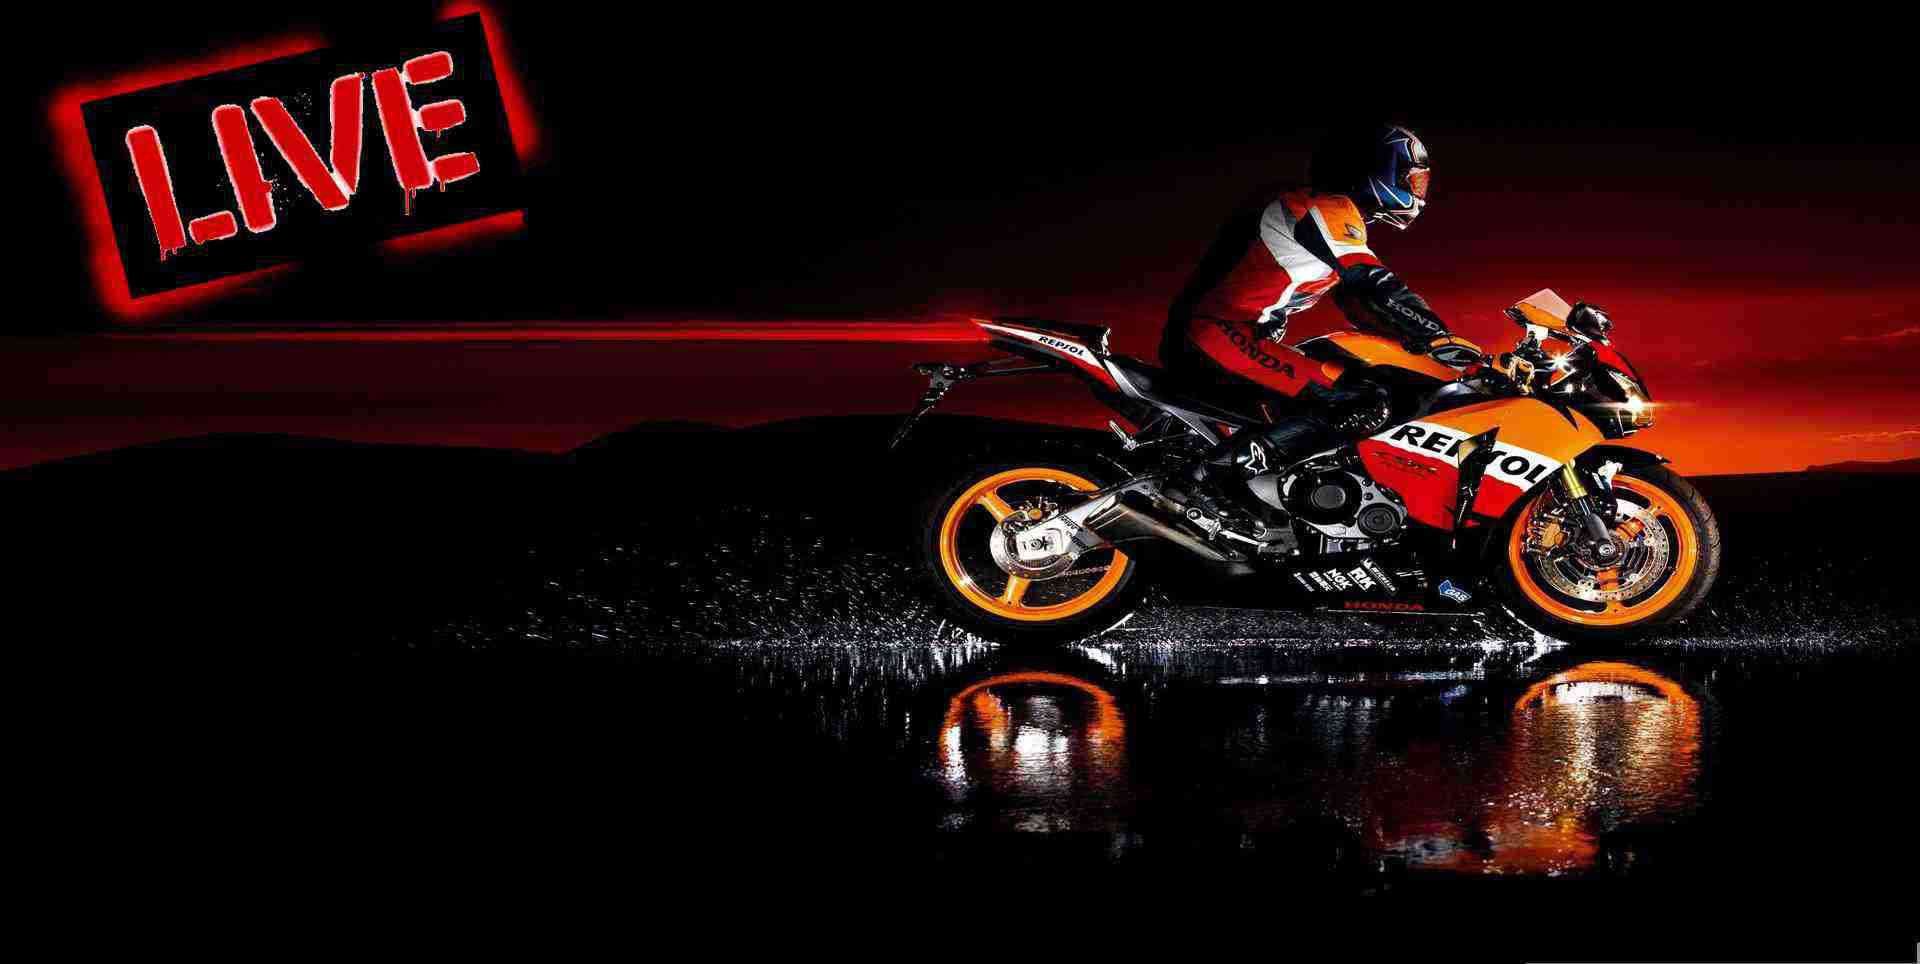 2015-motul-tt-assen-live-bike-racing-online